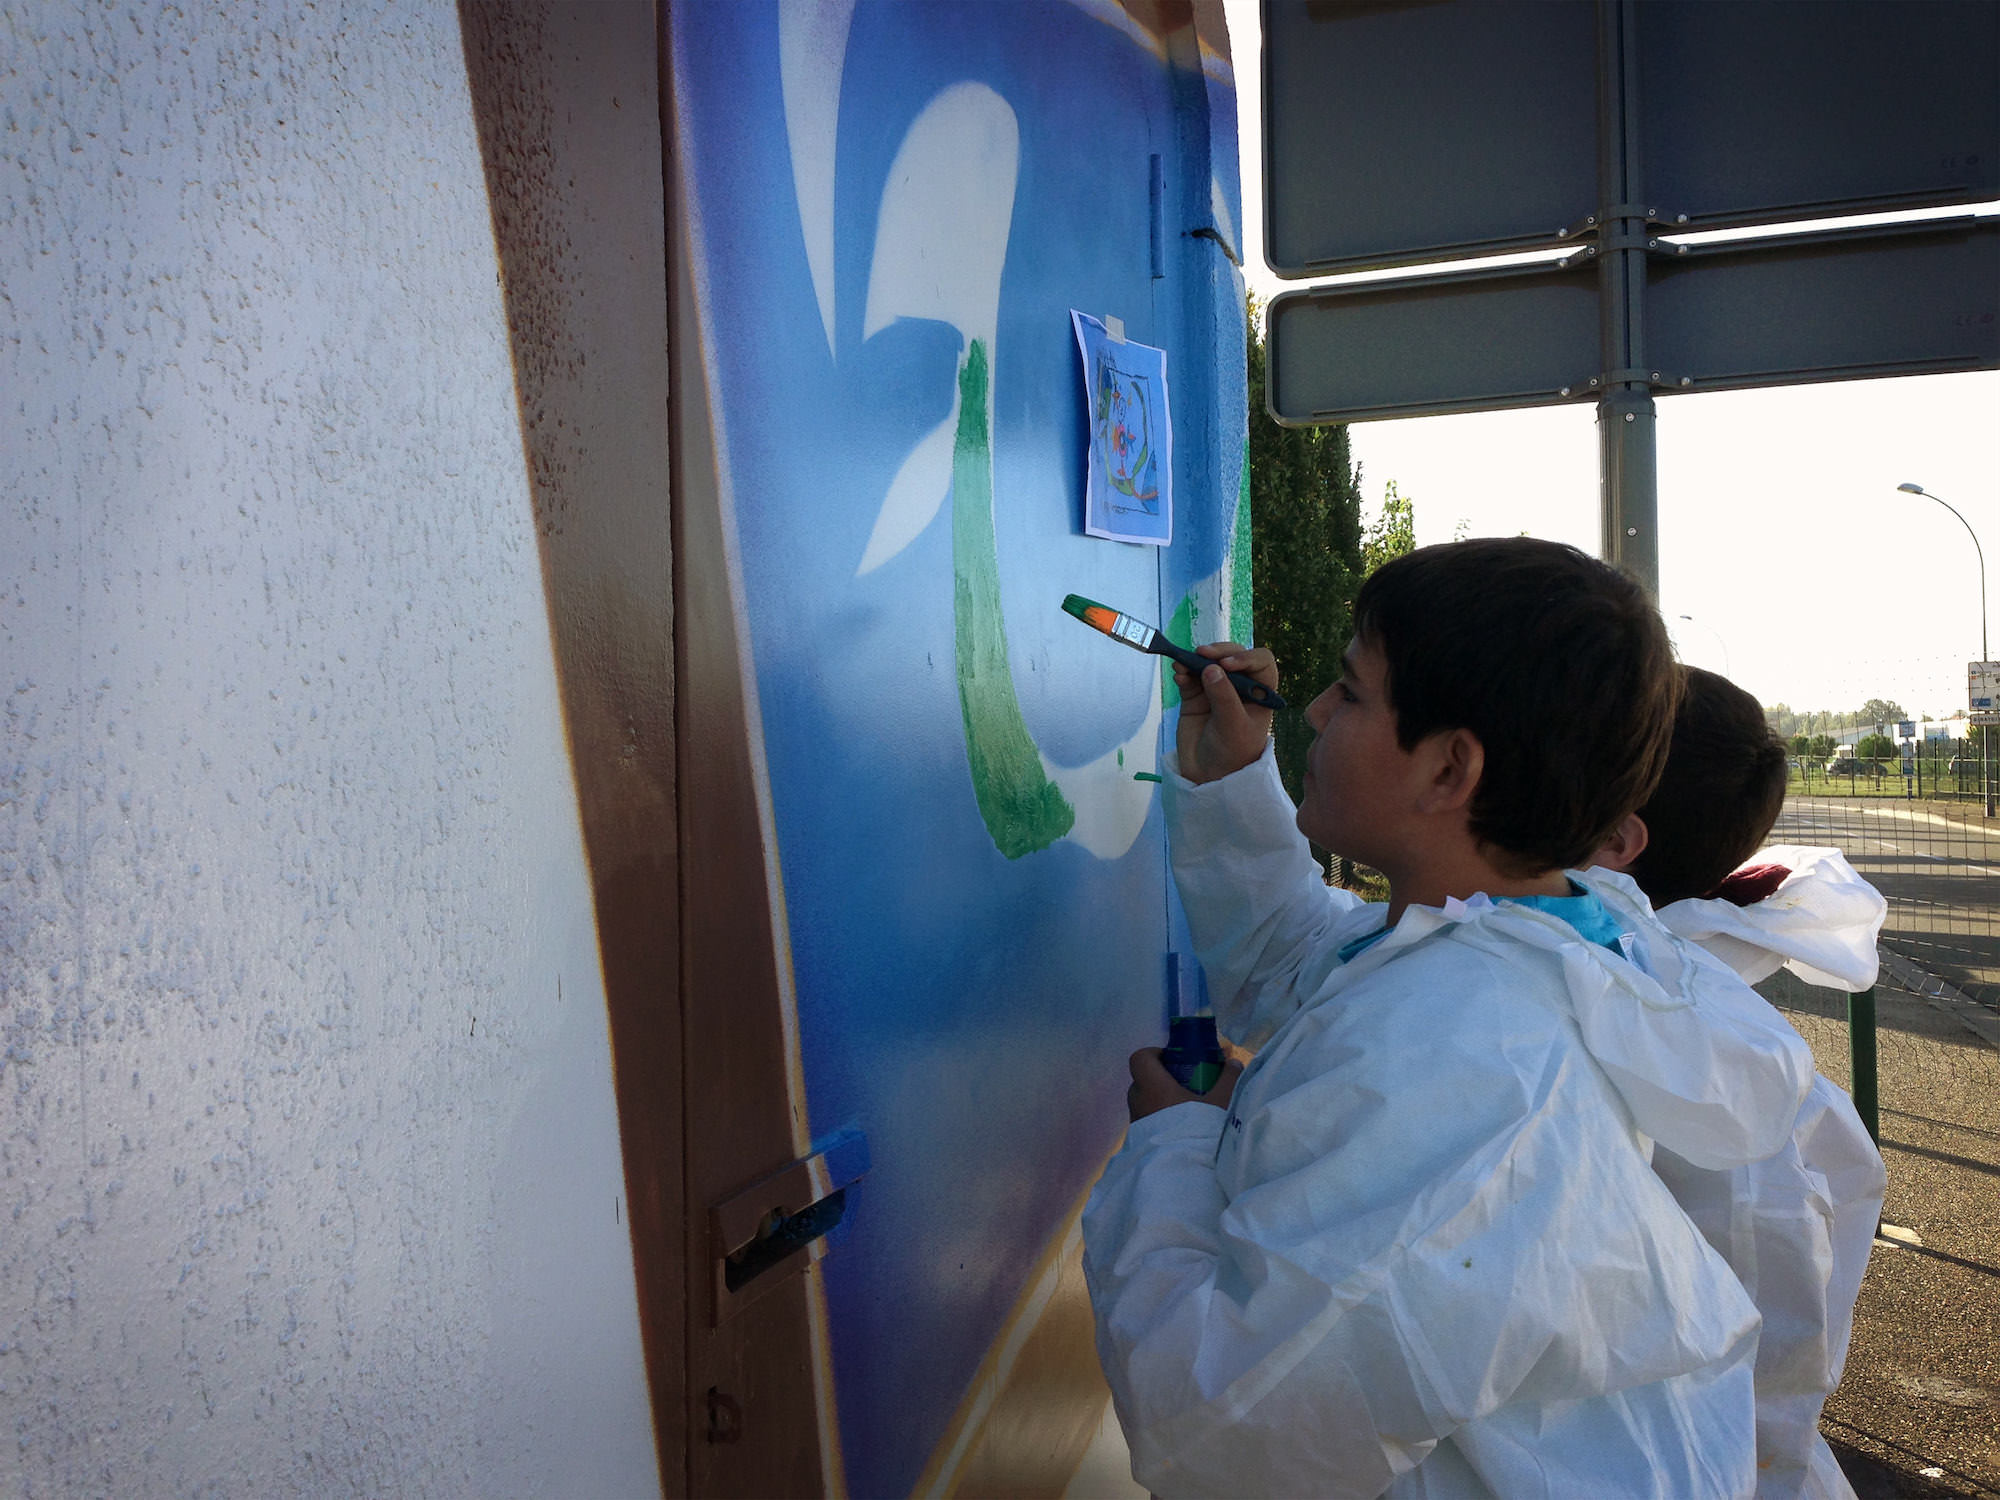 chantier-jeunes-poste-electrique-atelier-graffiti-graffeur-professionnel